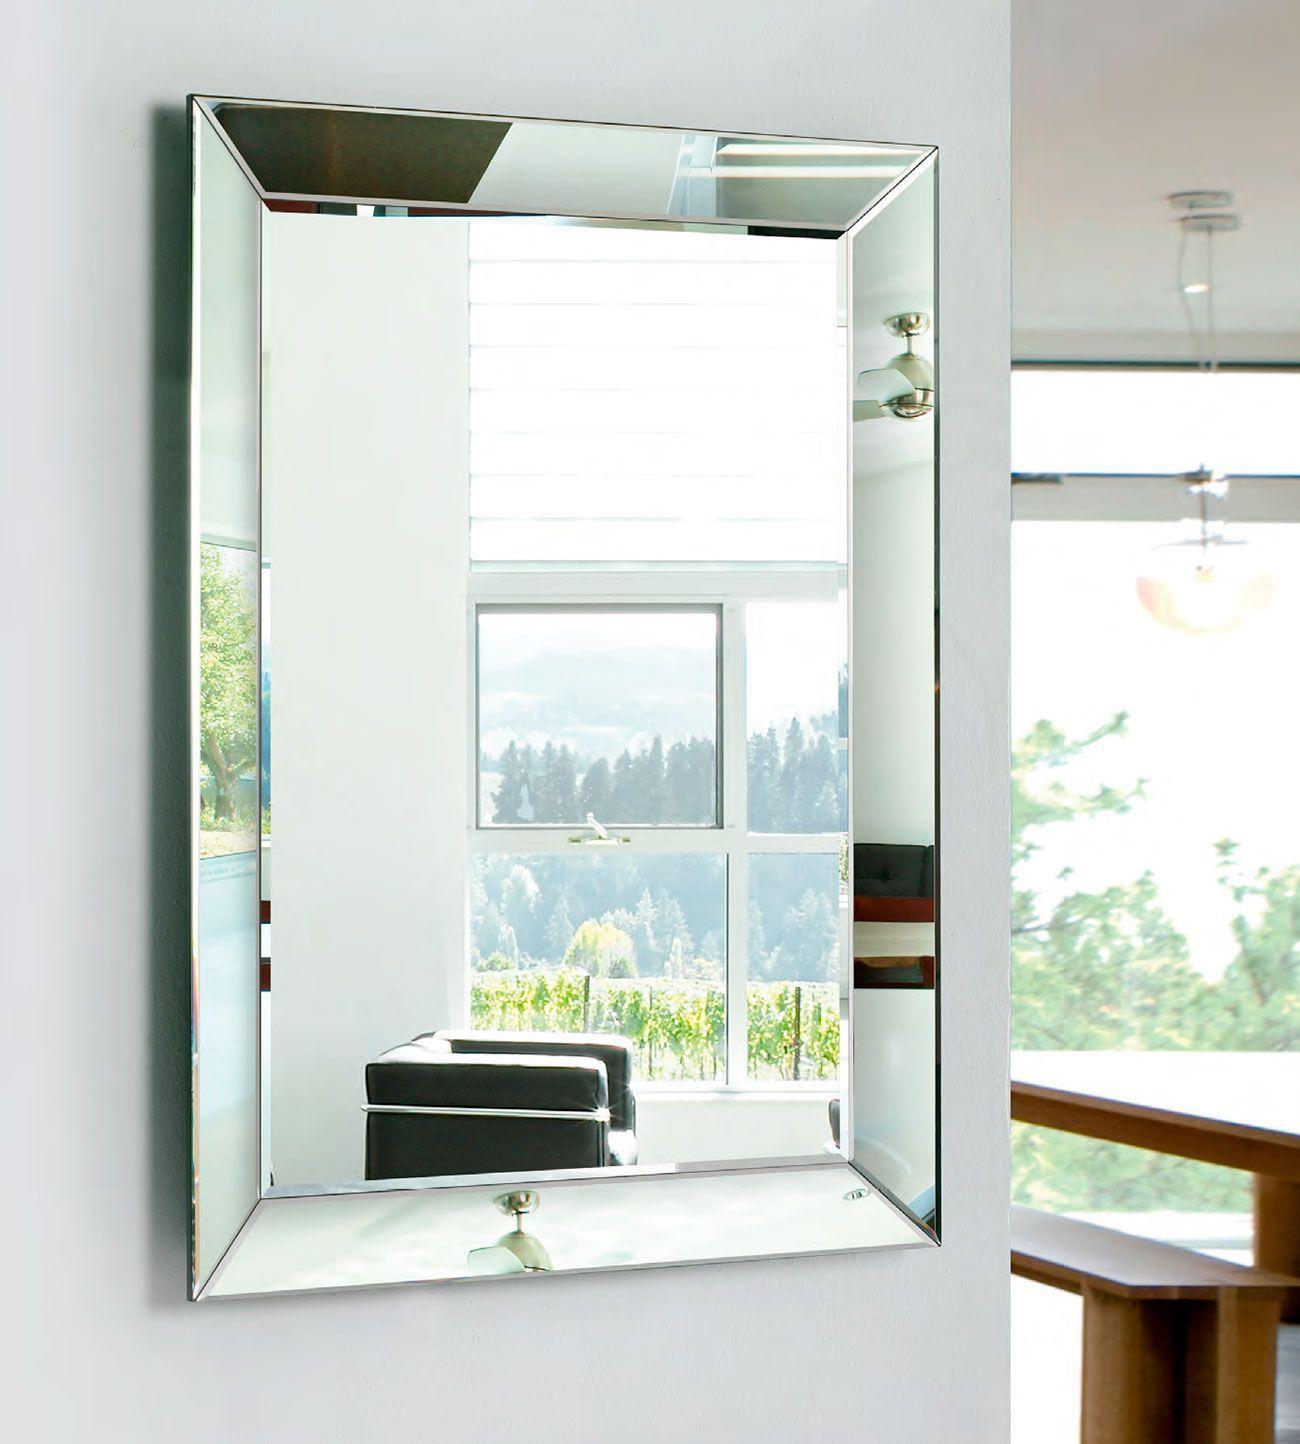 Espelho Manhattan, Espelhos Decorativos